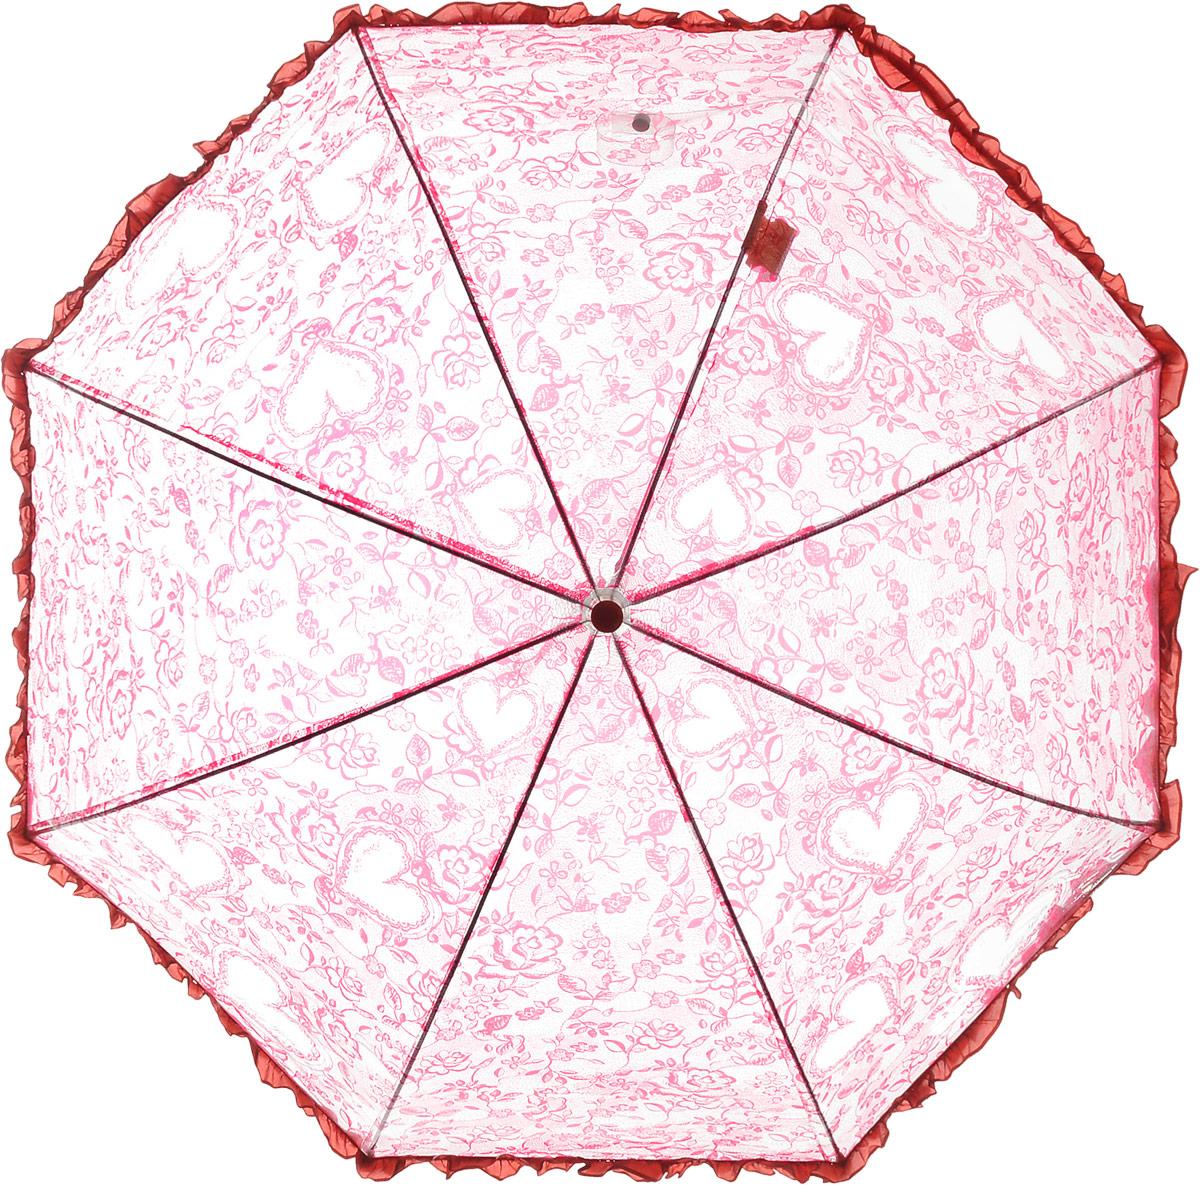 Зонт детский Airton, механический, трость, цвет: прозрачный, красный. 1651-041651-04Замечательный прозрачный зонтик Airton для юной модницы с рисунком сердечки. Механизм зонта - полуавтомат. Купол зонта изготовлен из прочного ПВХ. Практичная рукоятка закругленной формы разработана с учетом требований эргономики и выполнена из качественного пластика с противоскользящей обработкой. Аксессуар сделан с соблюдением всех стандартов безопасности, острые концы заблокированы специальными клипсами, ручка в форме крюка позволит легко повесить зонт даже на собственную руку.